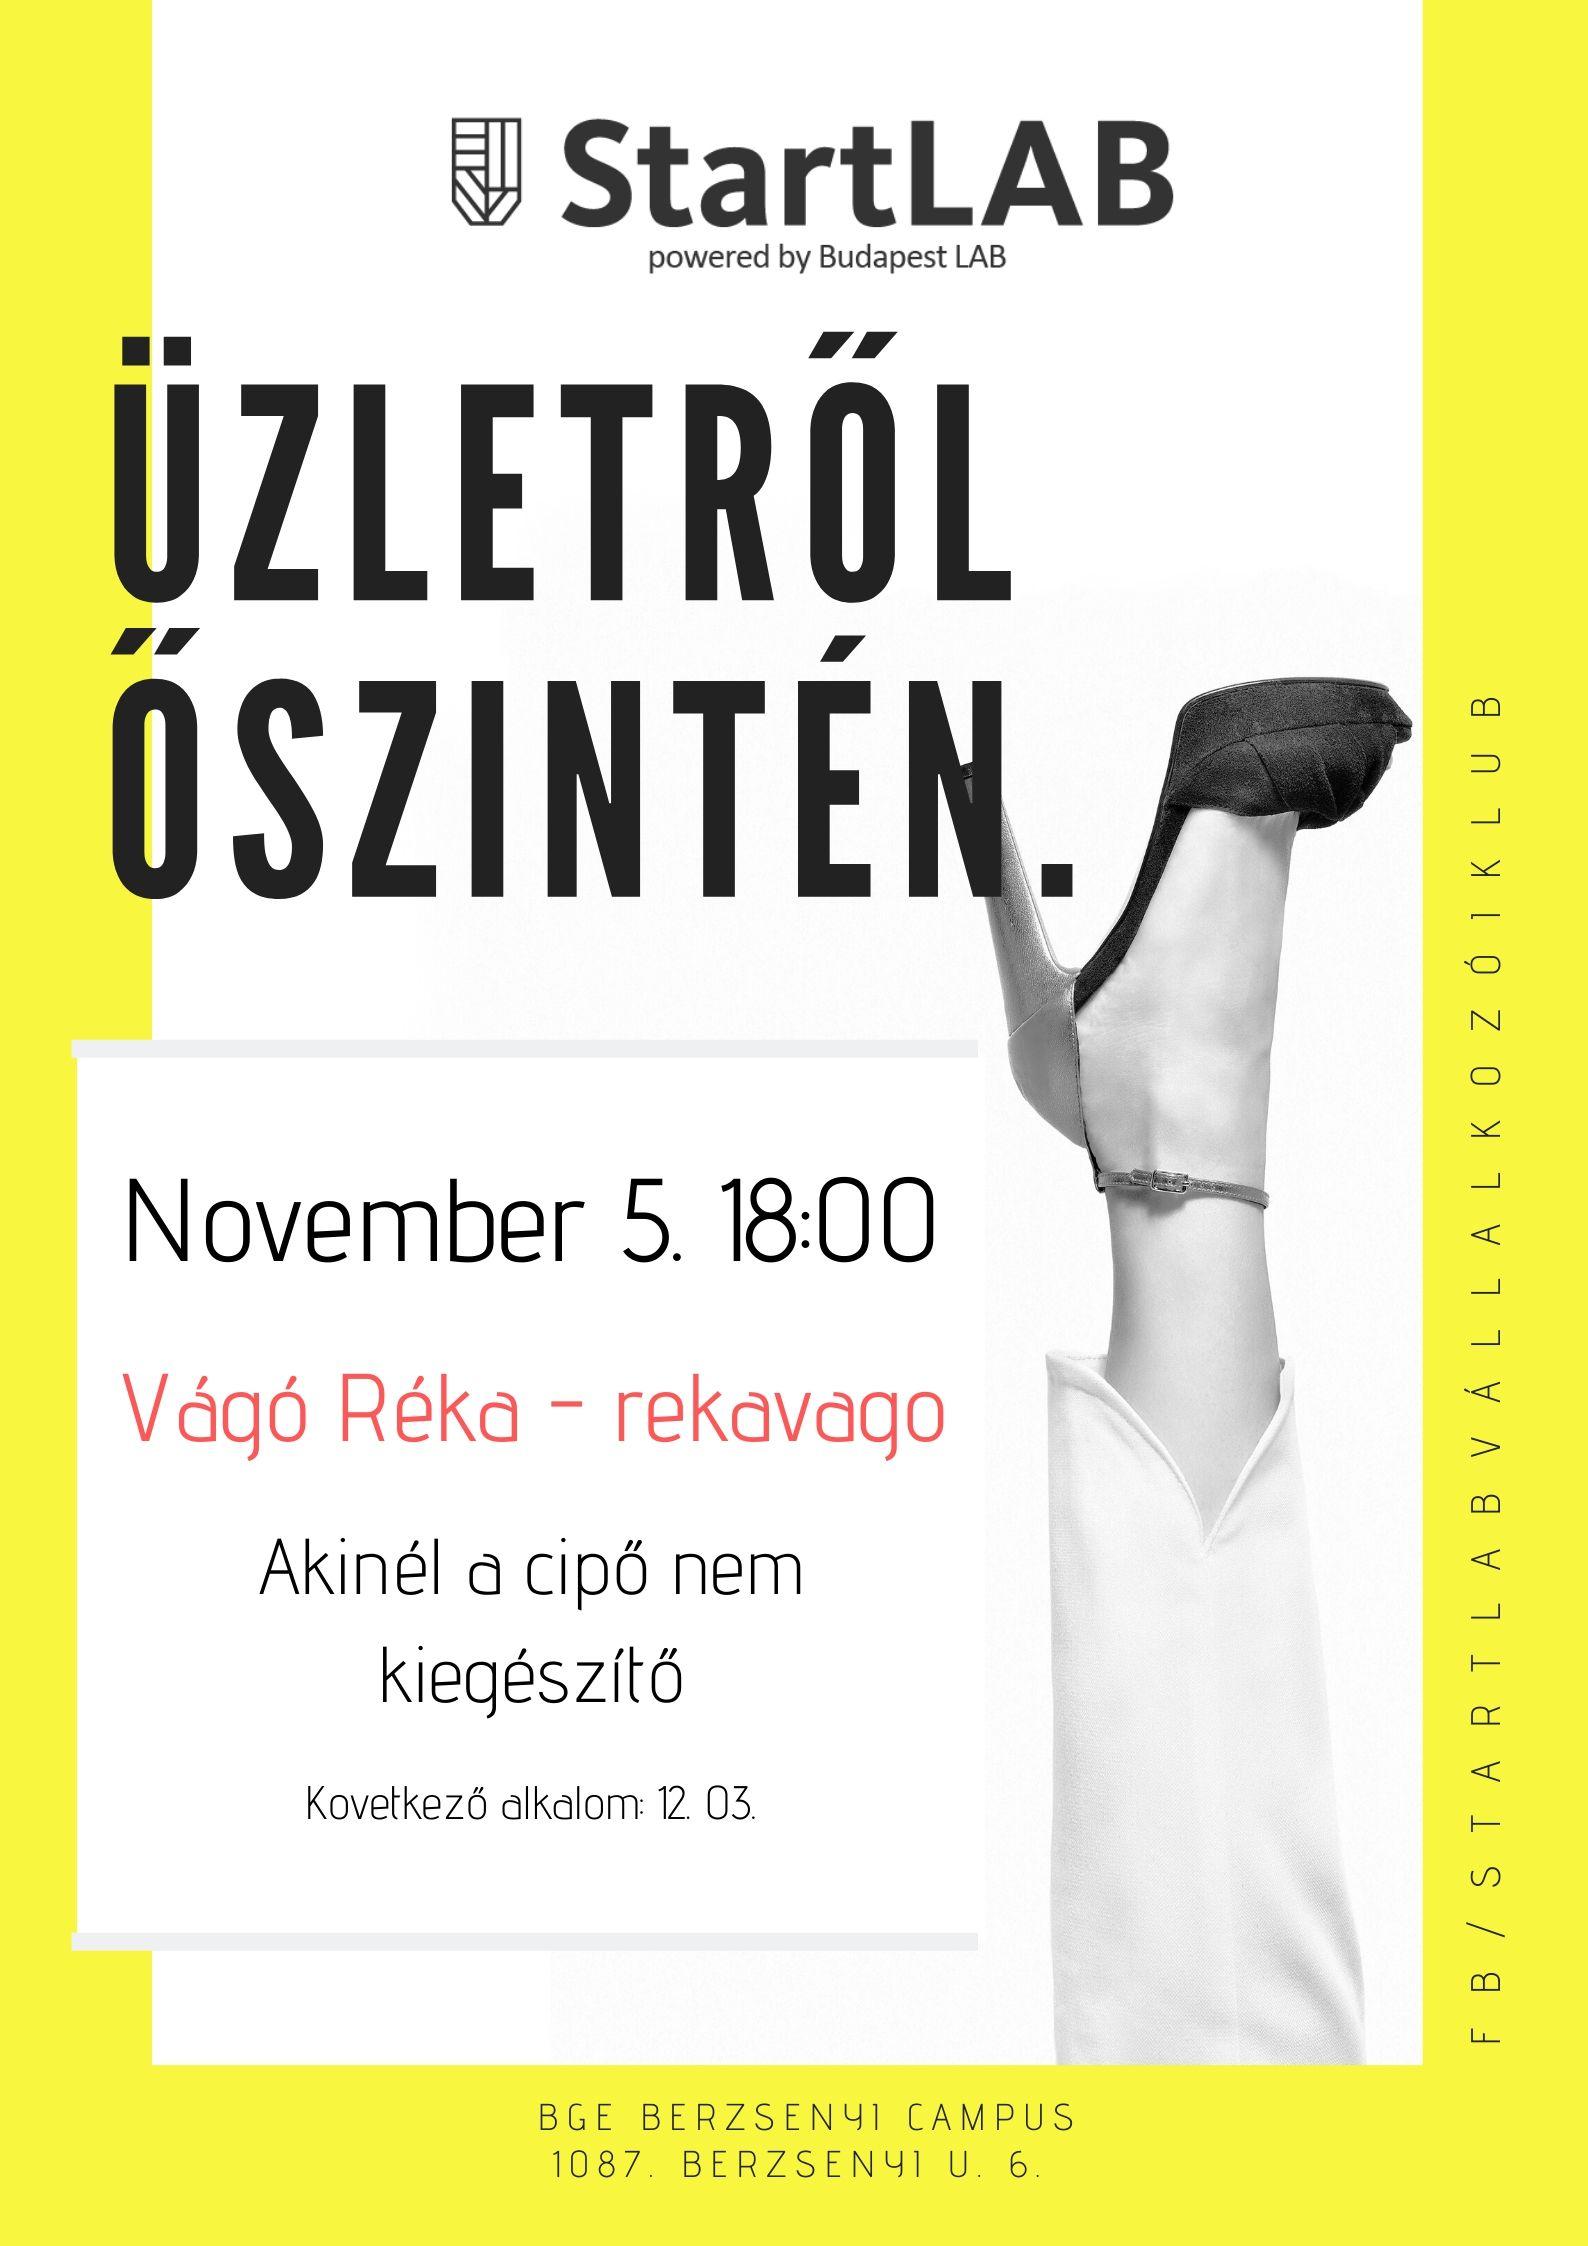 StartLAB Vágó Réka plakát